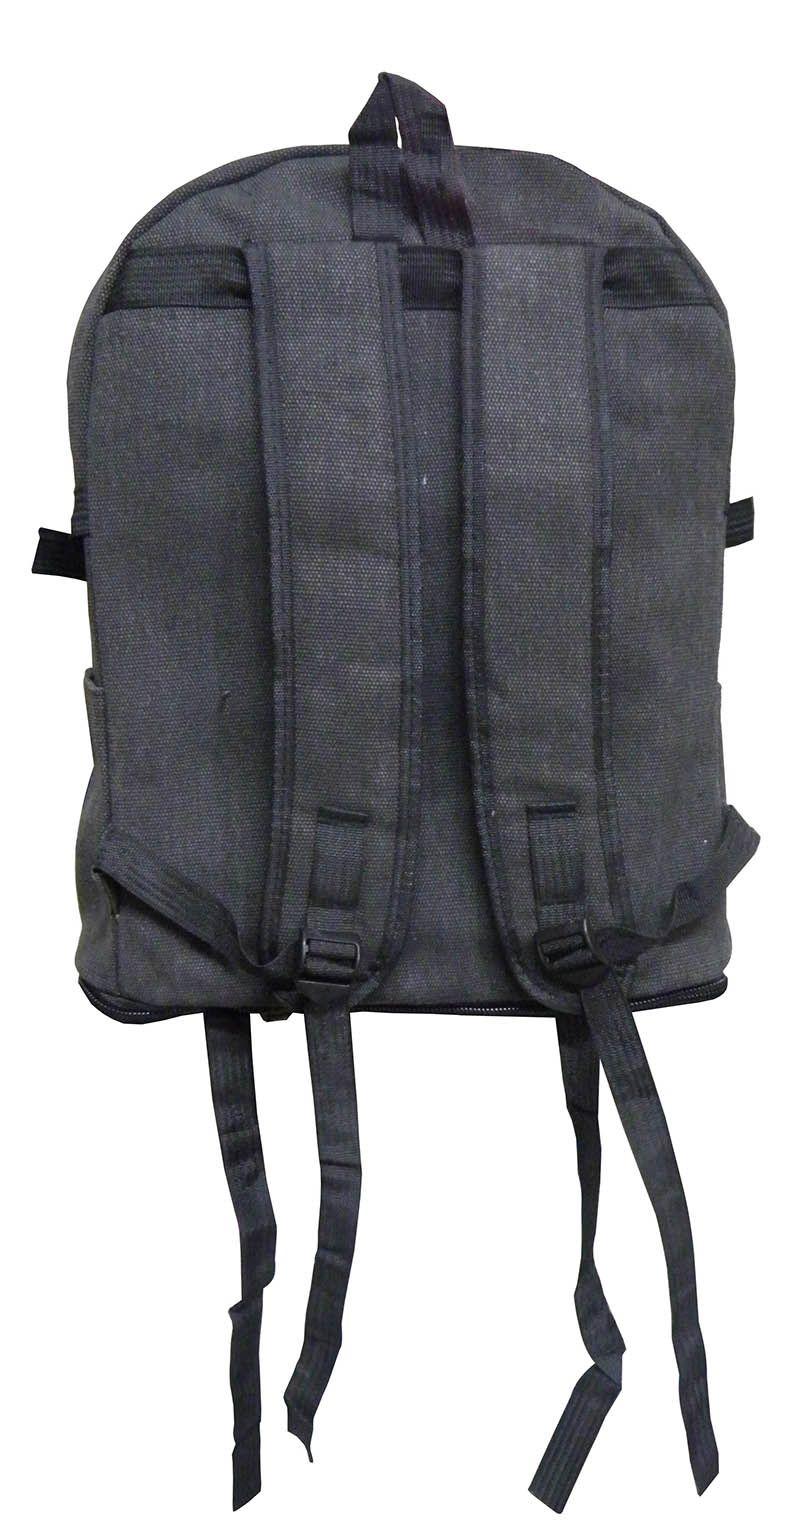 Mochila Bag Preta Escolar Adulto Juvenil Trabalho (ML1027)